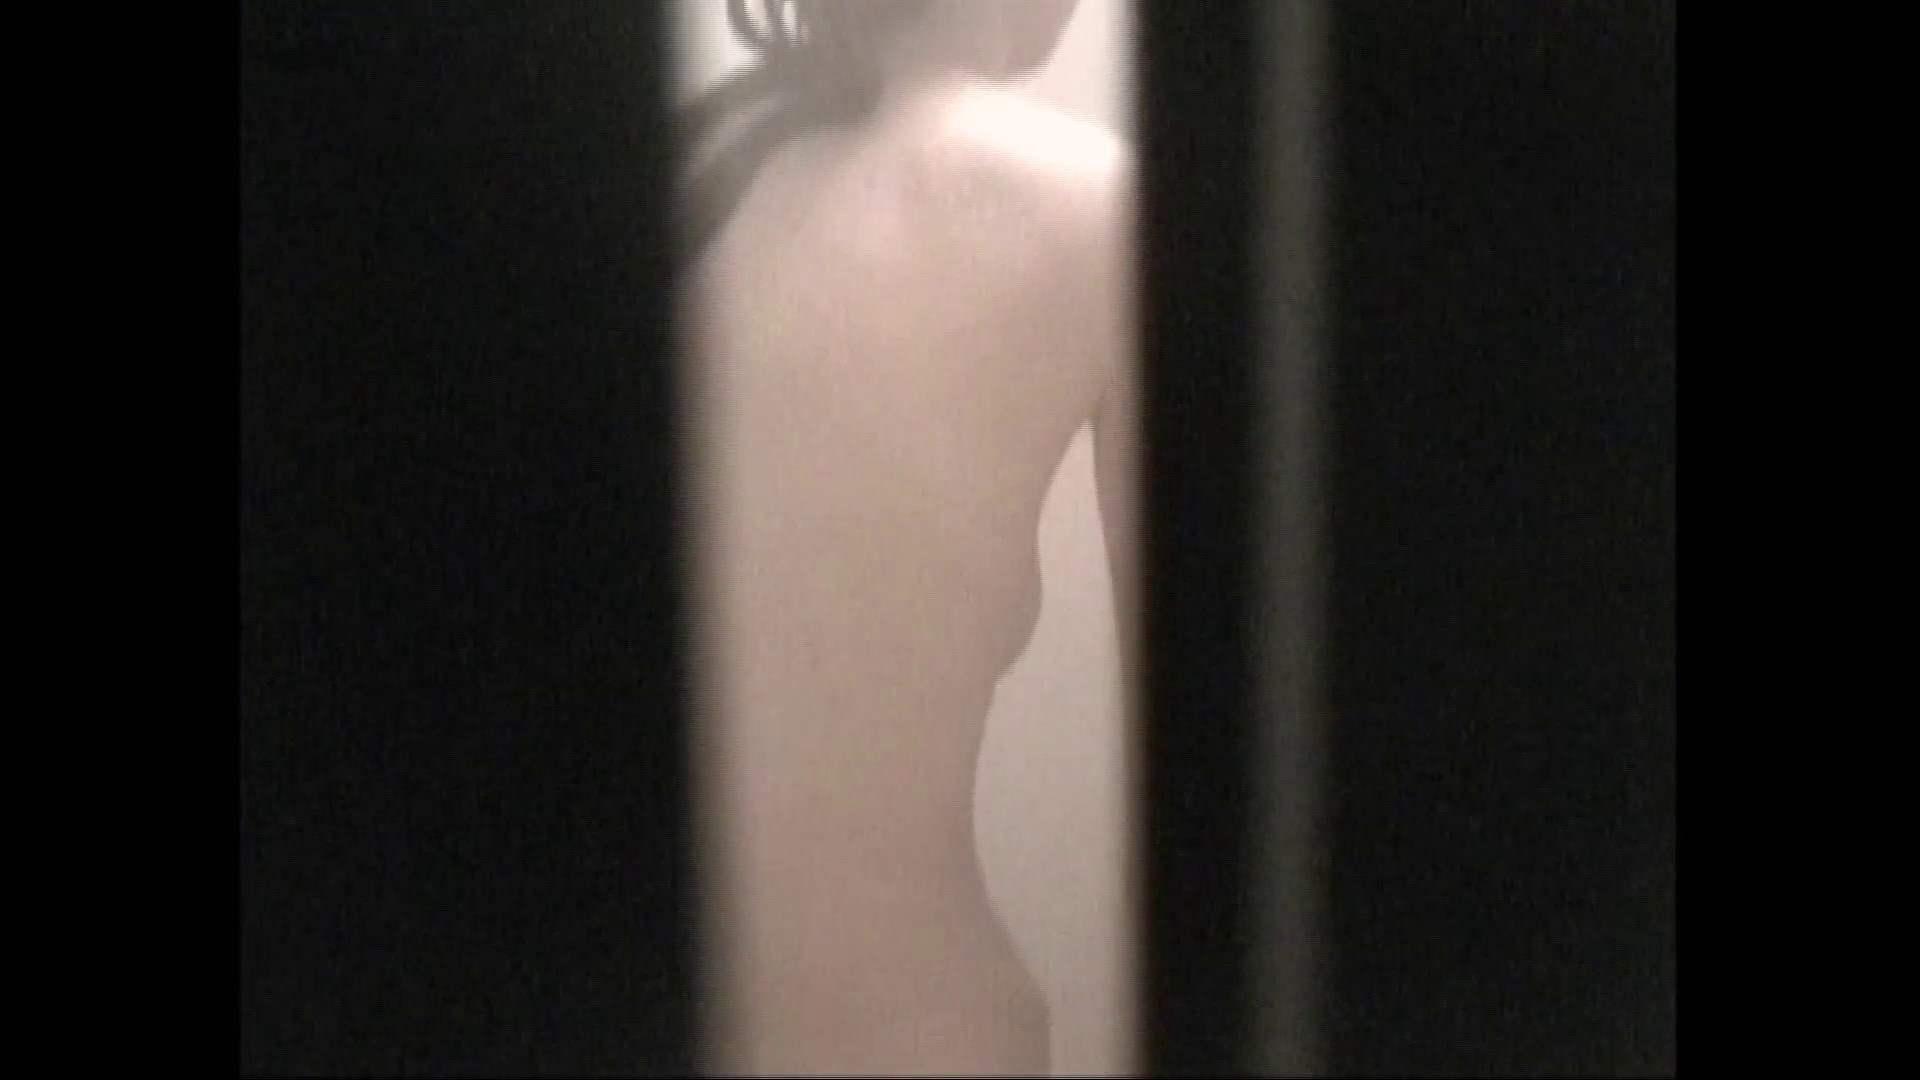 隙間からノゾク風呂 Vol.29 股をグイッとひらいて・・・。 細身体型 オメコ無修正動画無料 76枚 13